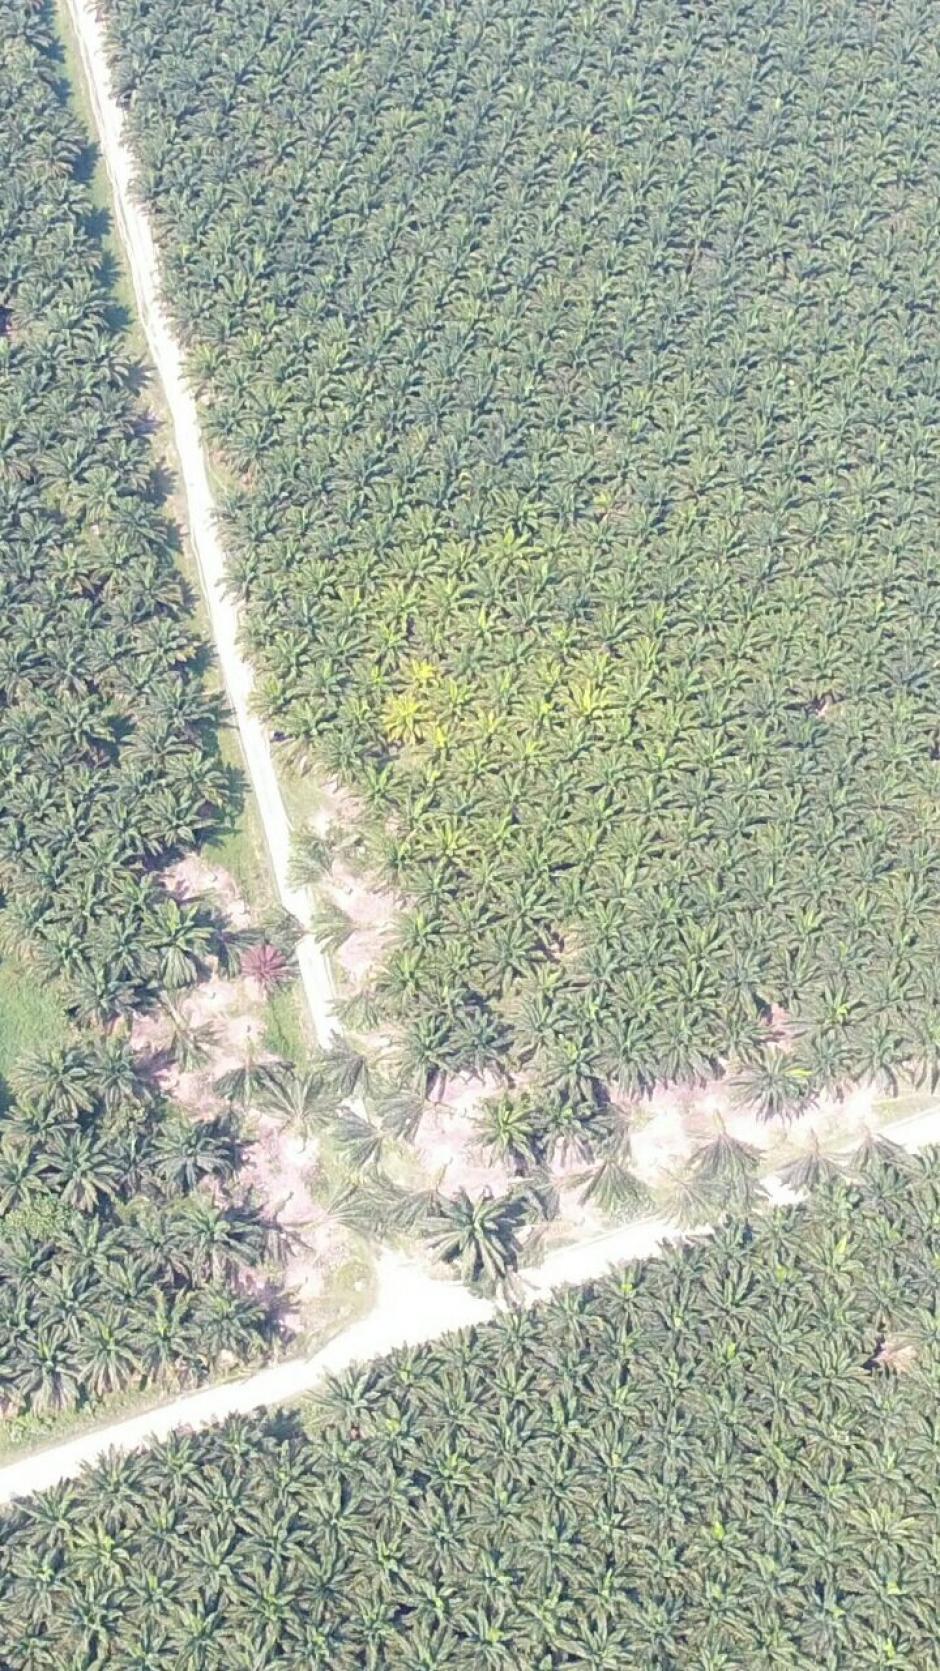 La empresa denuncia el derribo de parte de la plantación. (Foto: Naturaceites)